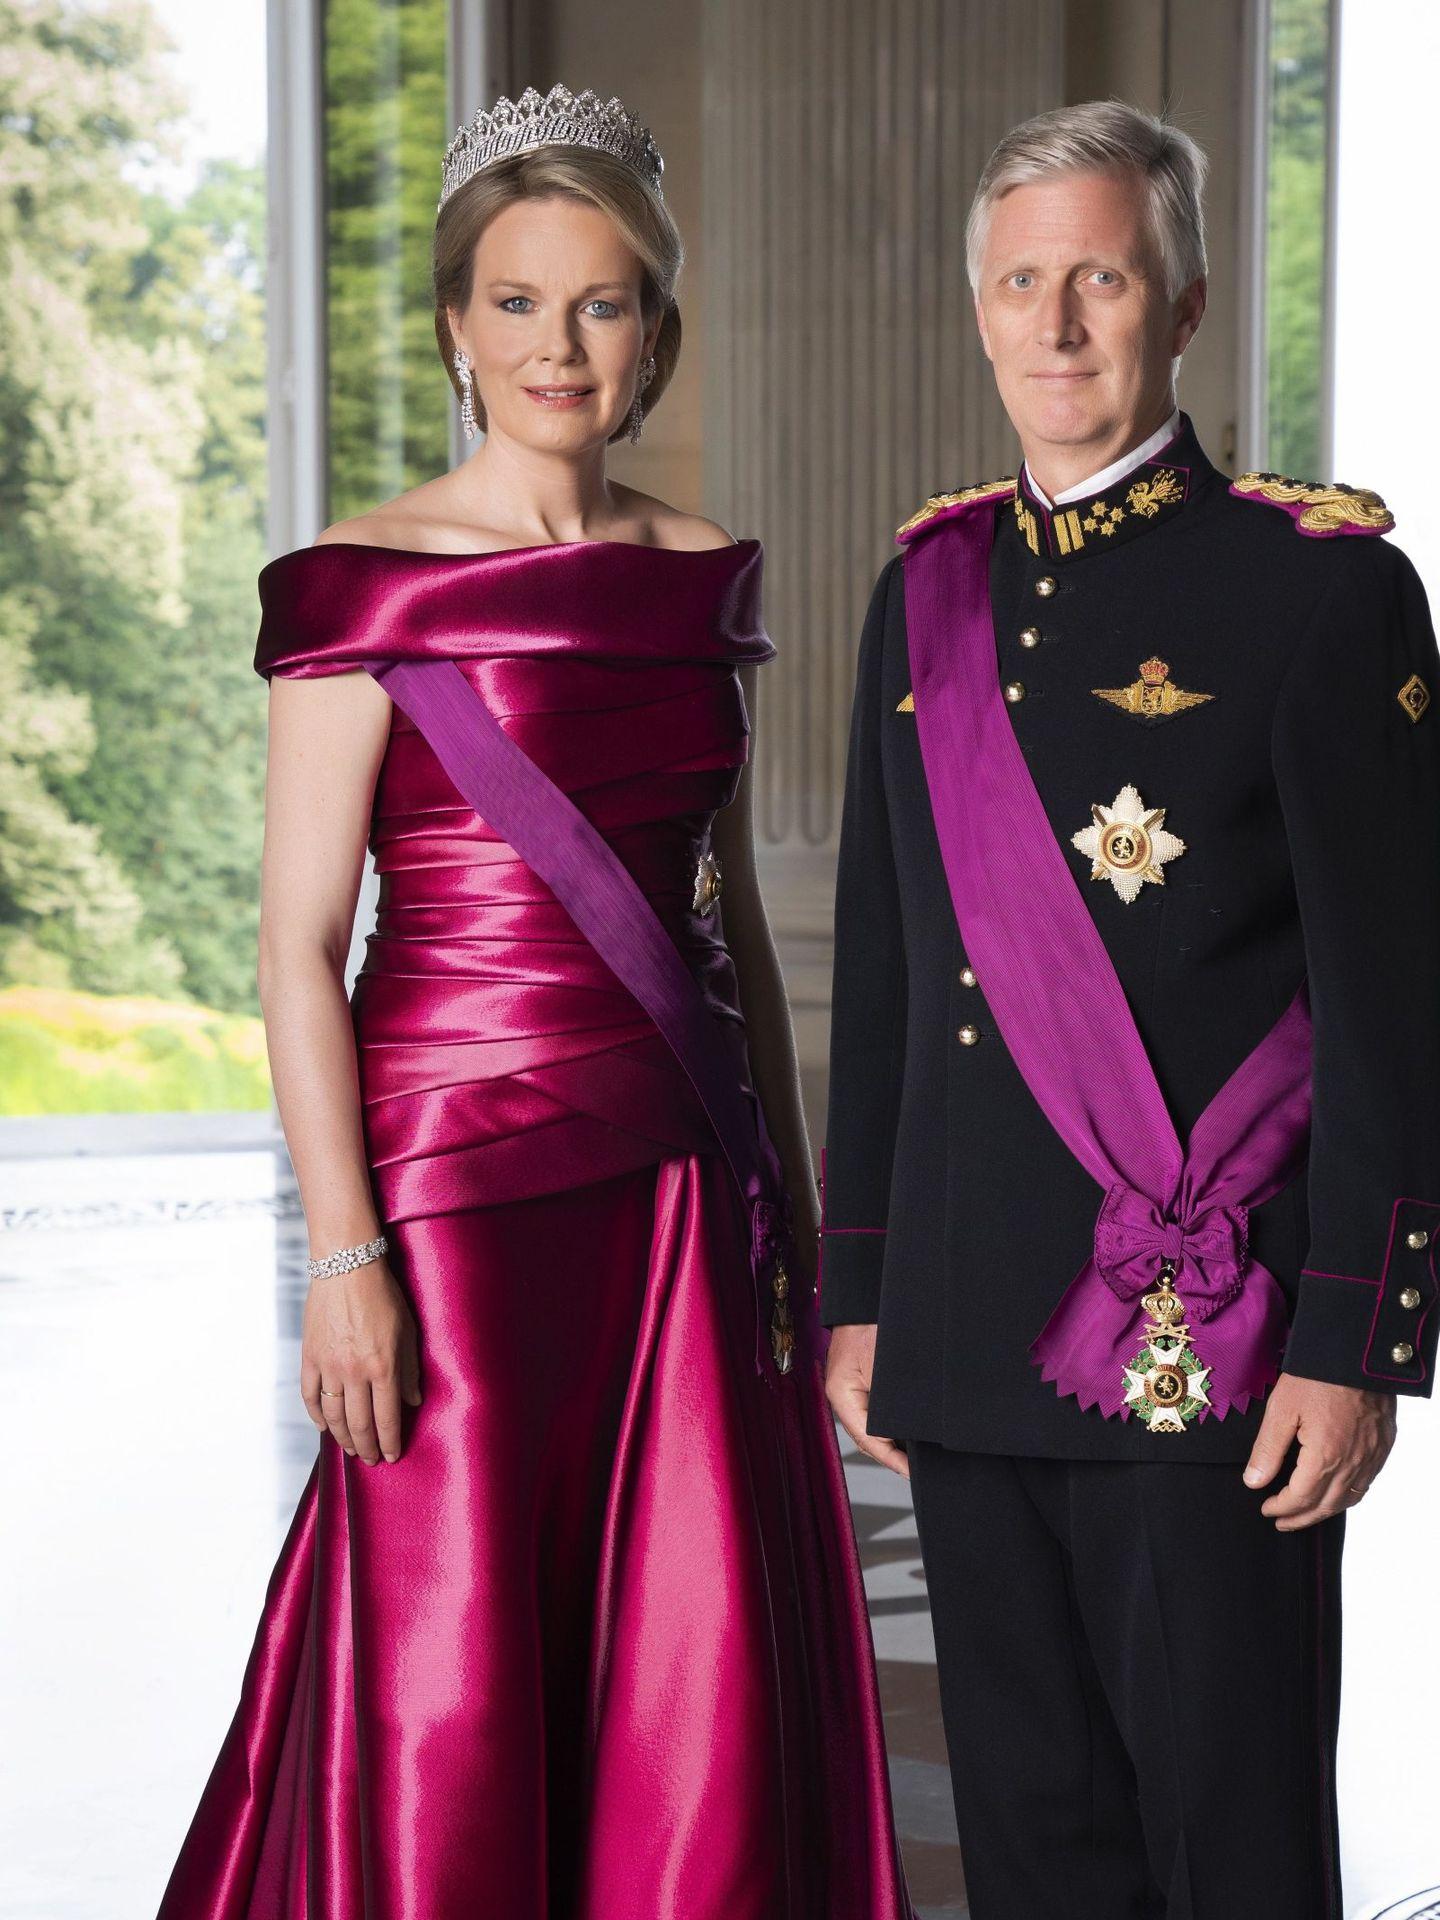 Los reyes de Bélgica, Felipe y Matilde. (Palacio Real de Bélgica)